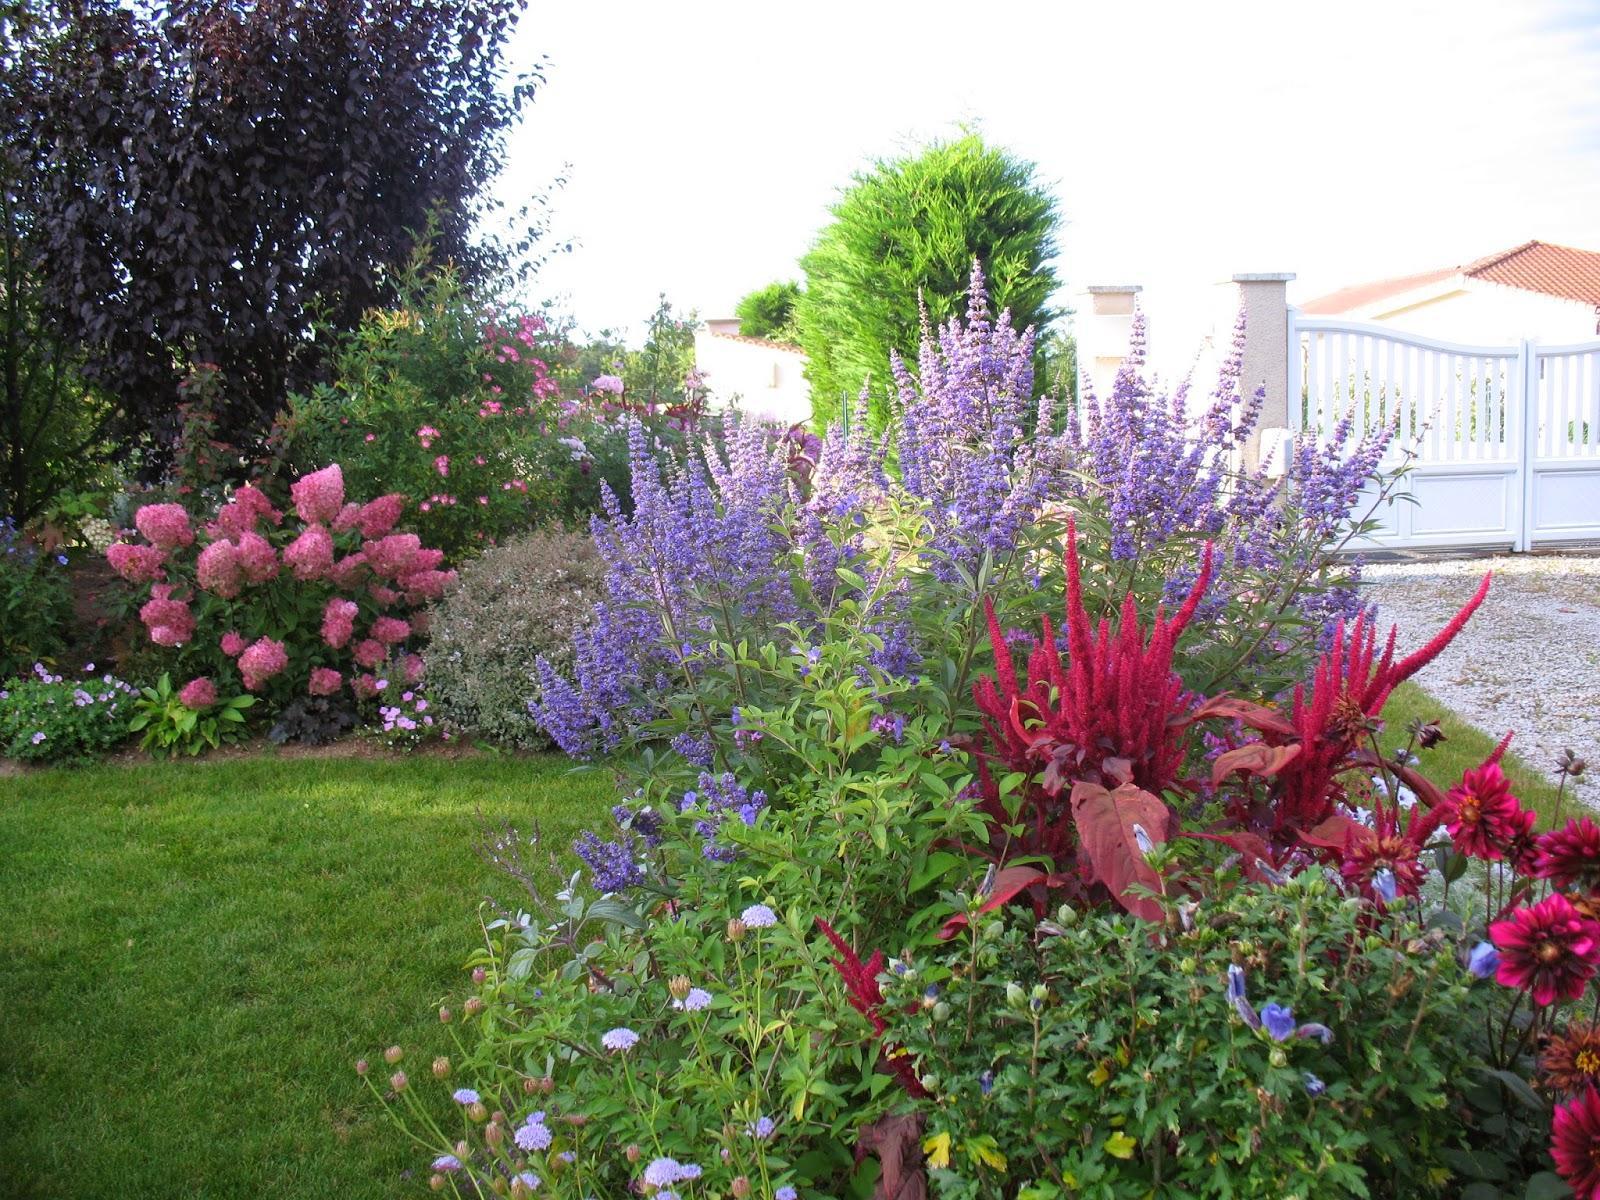 Záhrada,ktorá ťa nikdy neomrzí...divoká a krásna - Obrázok č. 109